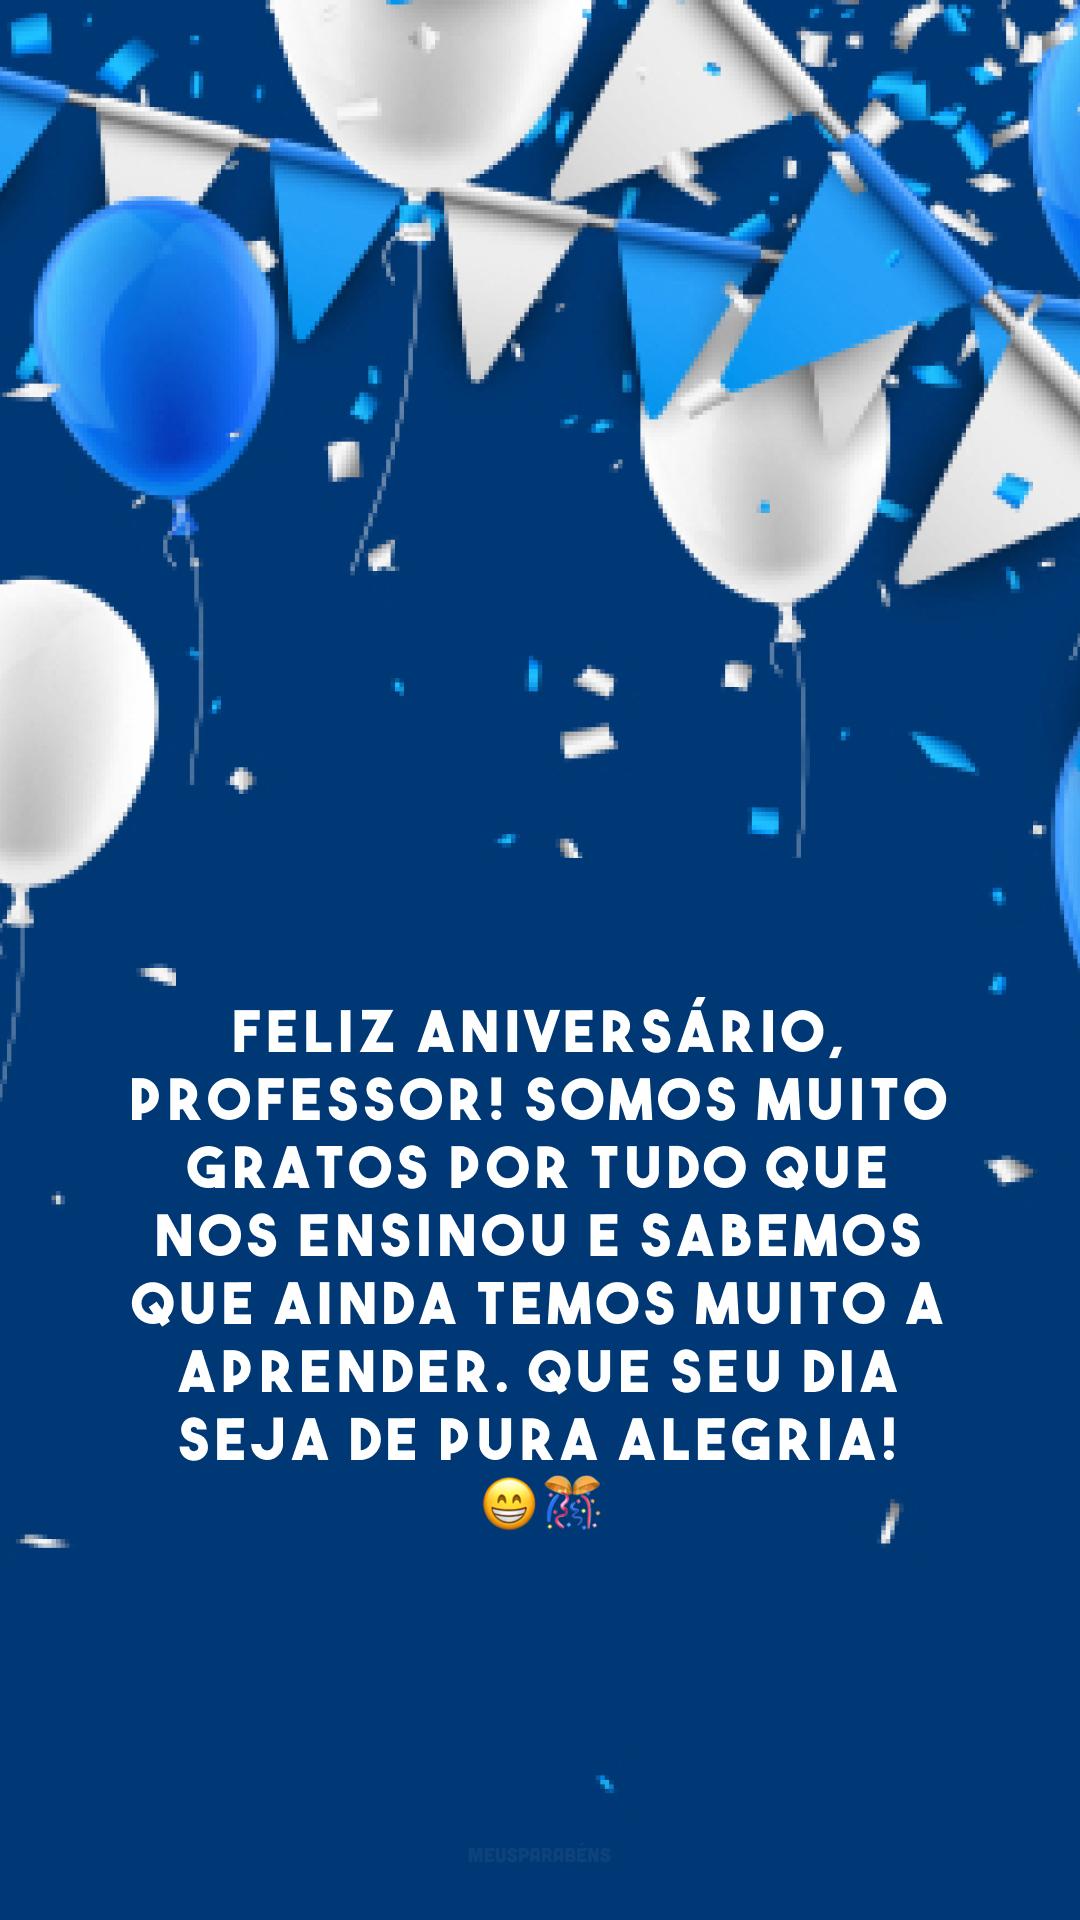 Feliz aniversário, professor! Somos muito gratos por tudo que nos ensinou e sabemos que ainda temos muito a aprender. Que seu dia seja de pura alegria! 😁🎊